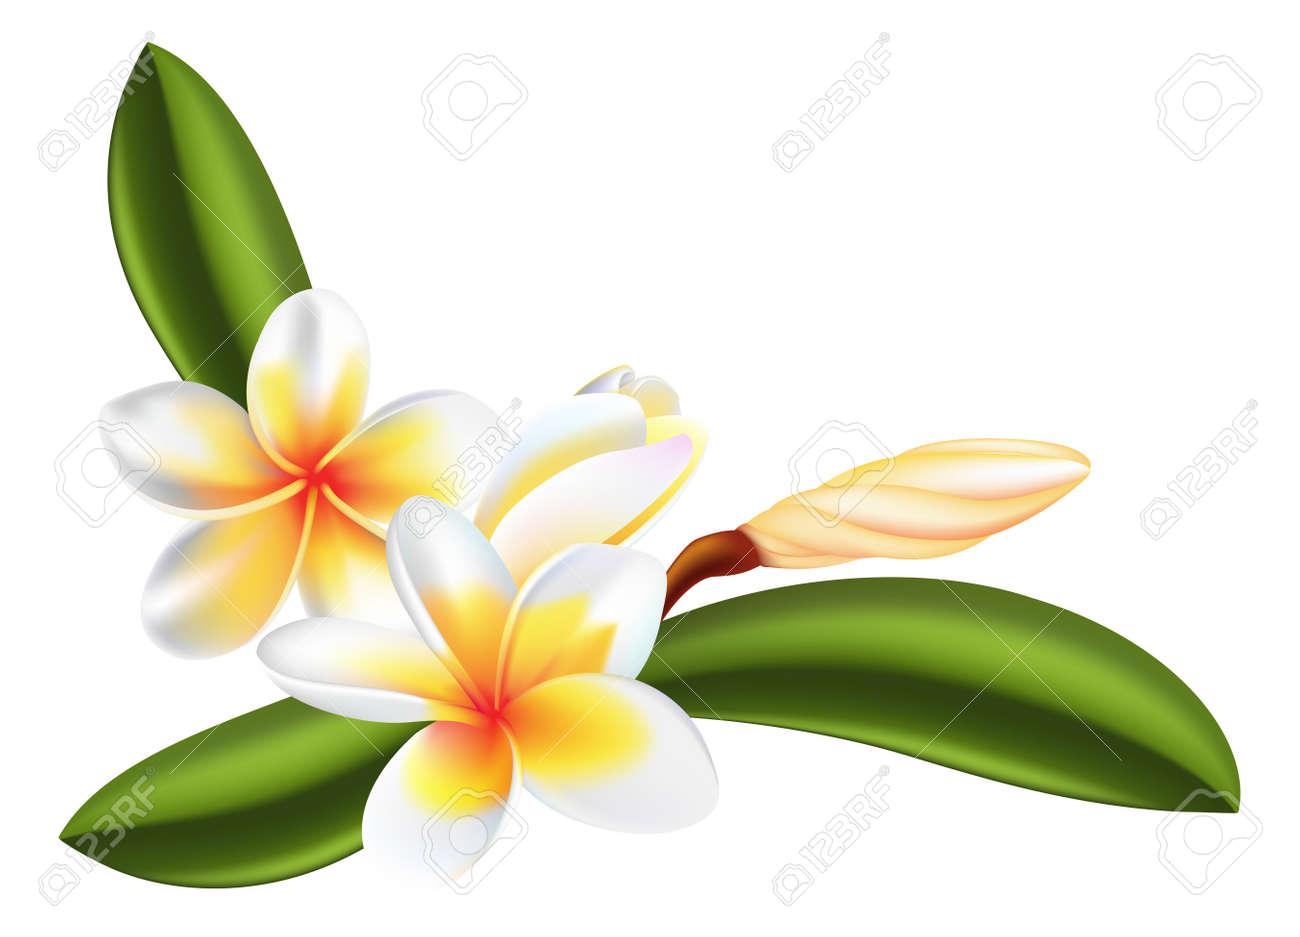 美しいプルメリアやプルメリアの花のイラスト ロイヤリティフリー